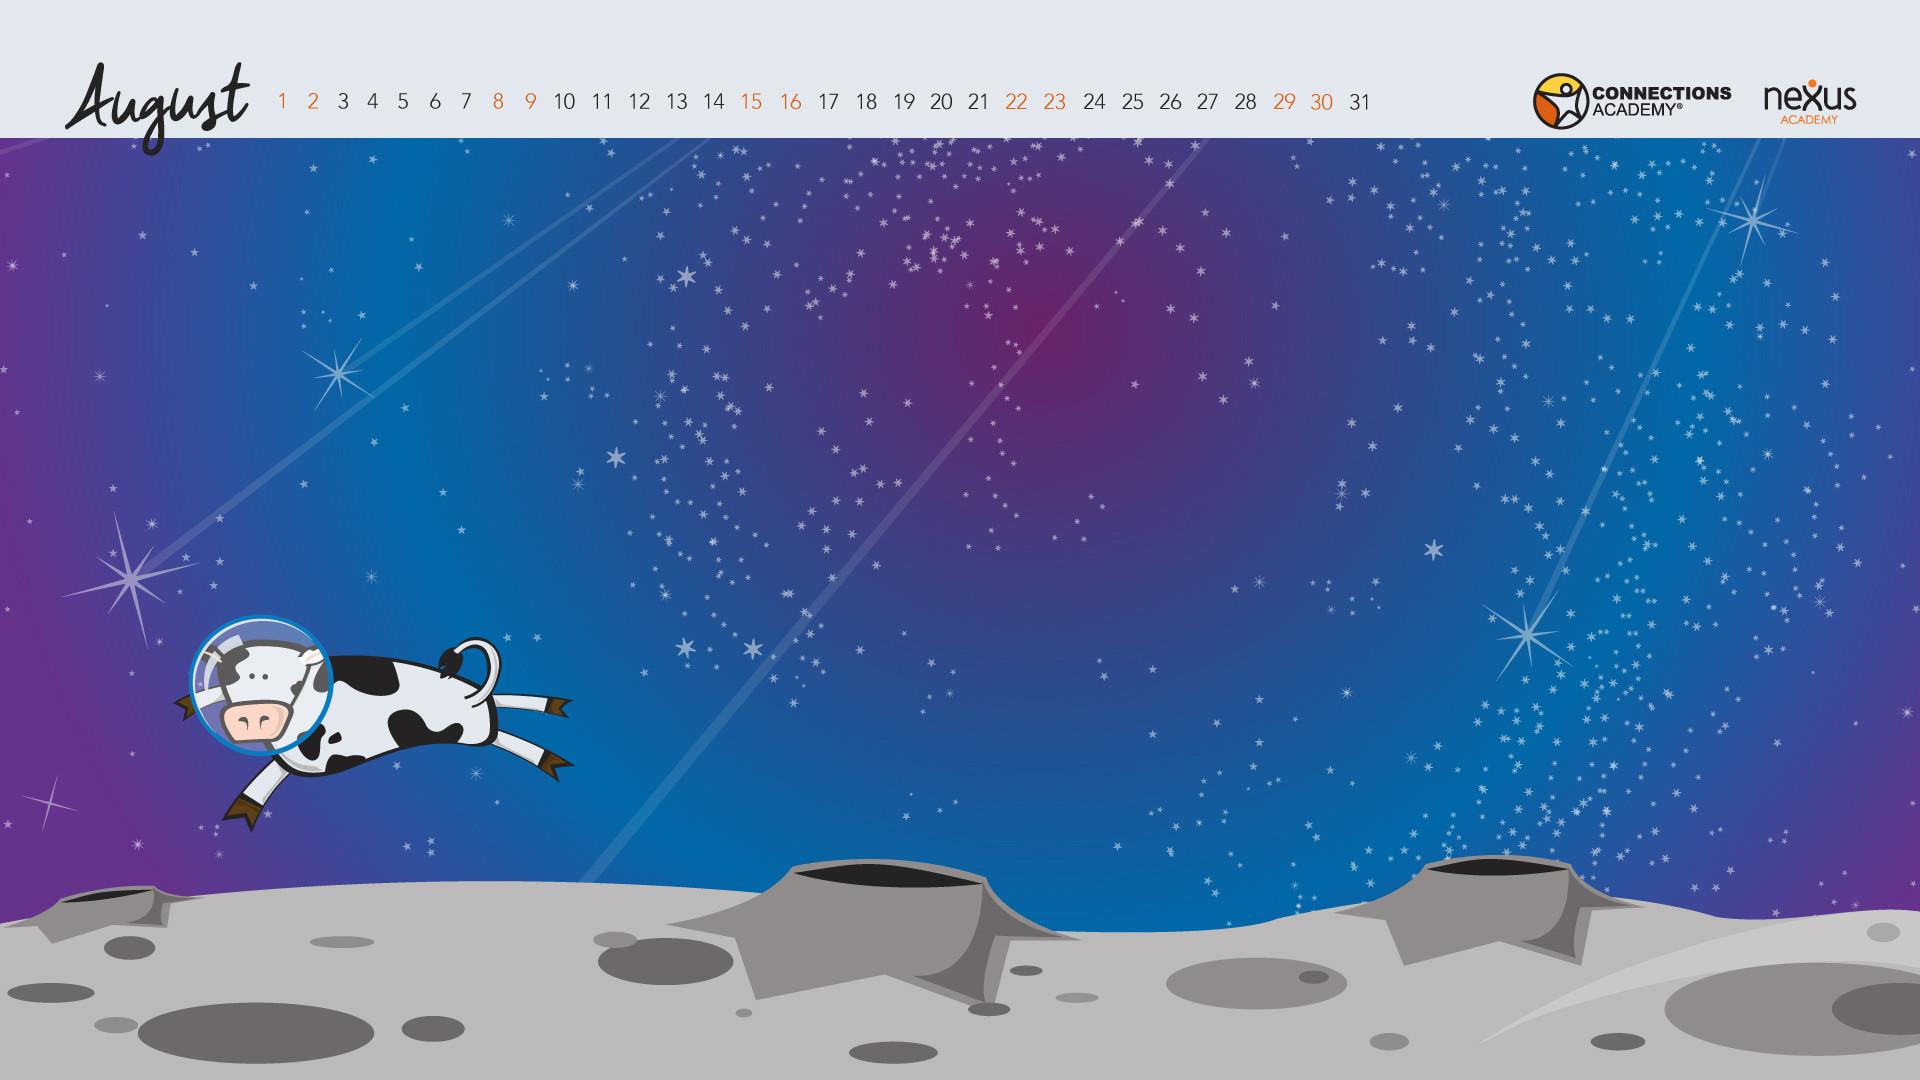 Space-themed desktop wallpaper calendar: August 2015